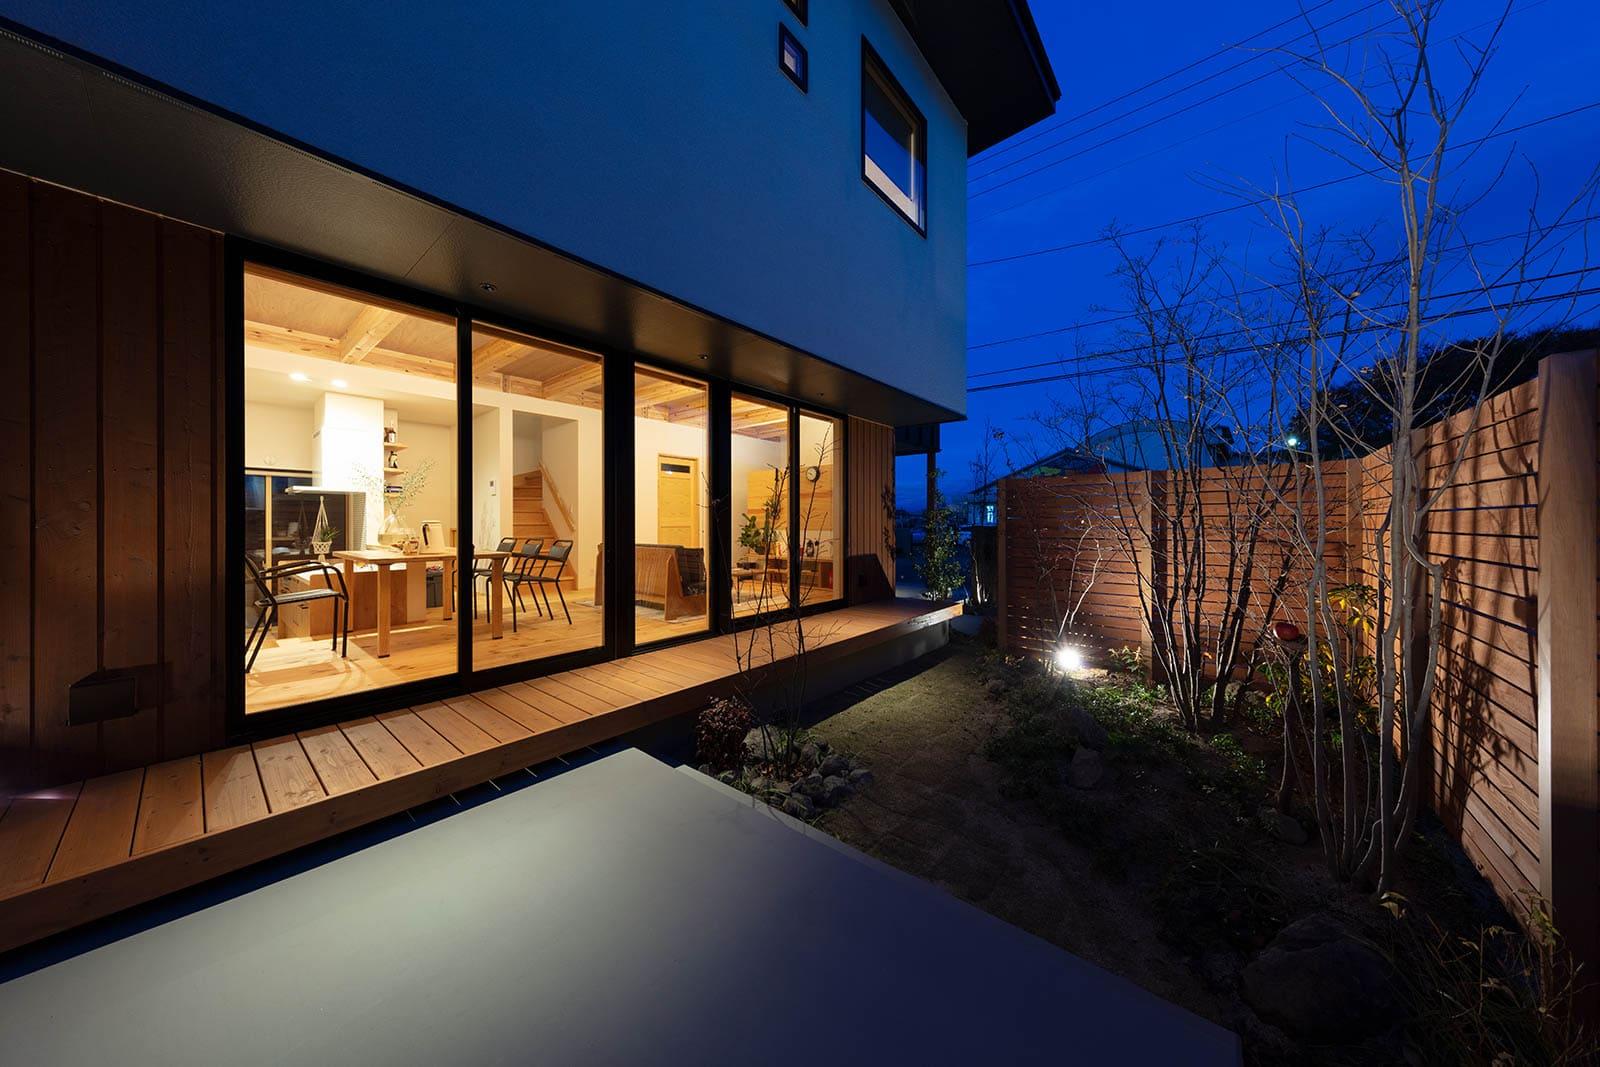 夜は室内の間接照明と庭の照明が美しく調和する